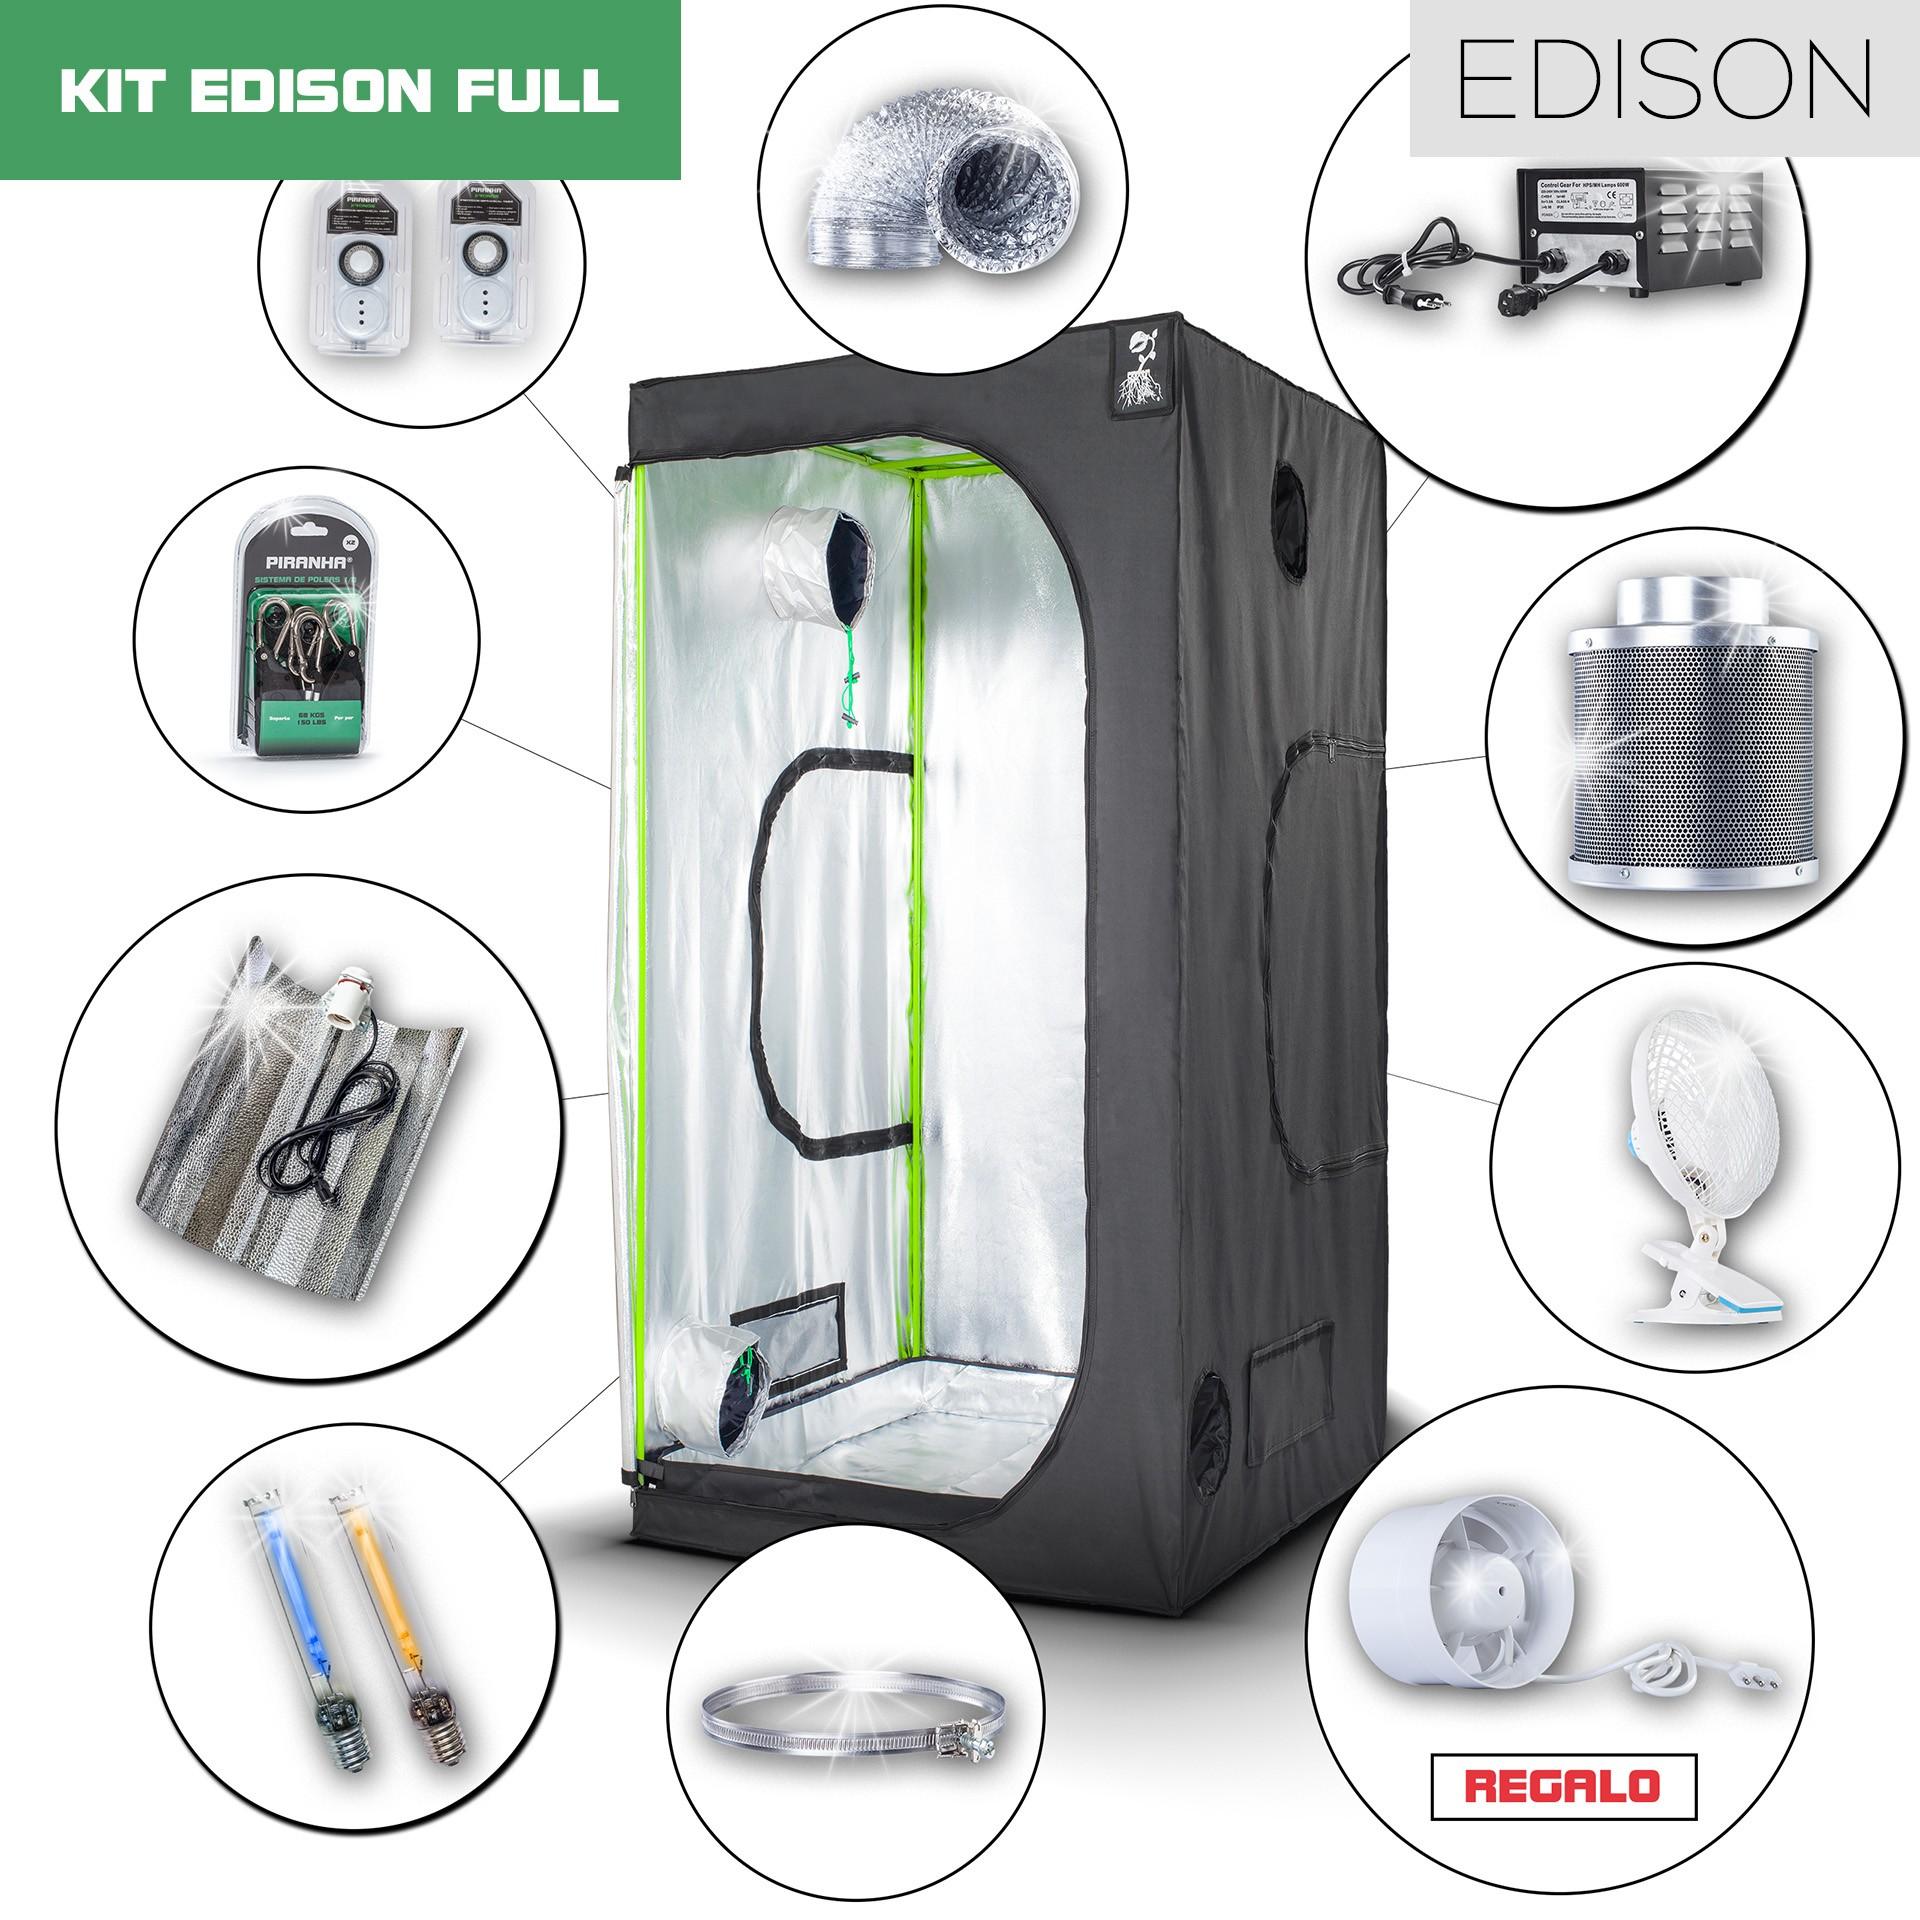 Kit Edison 100 - 400W Full